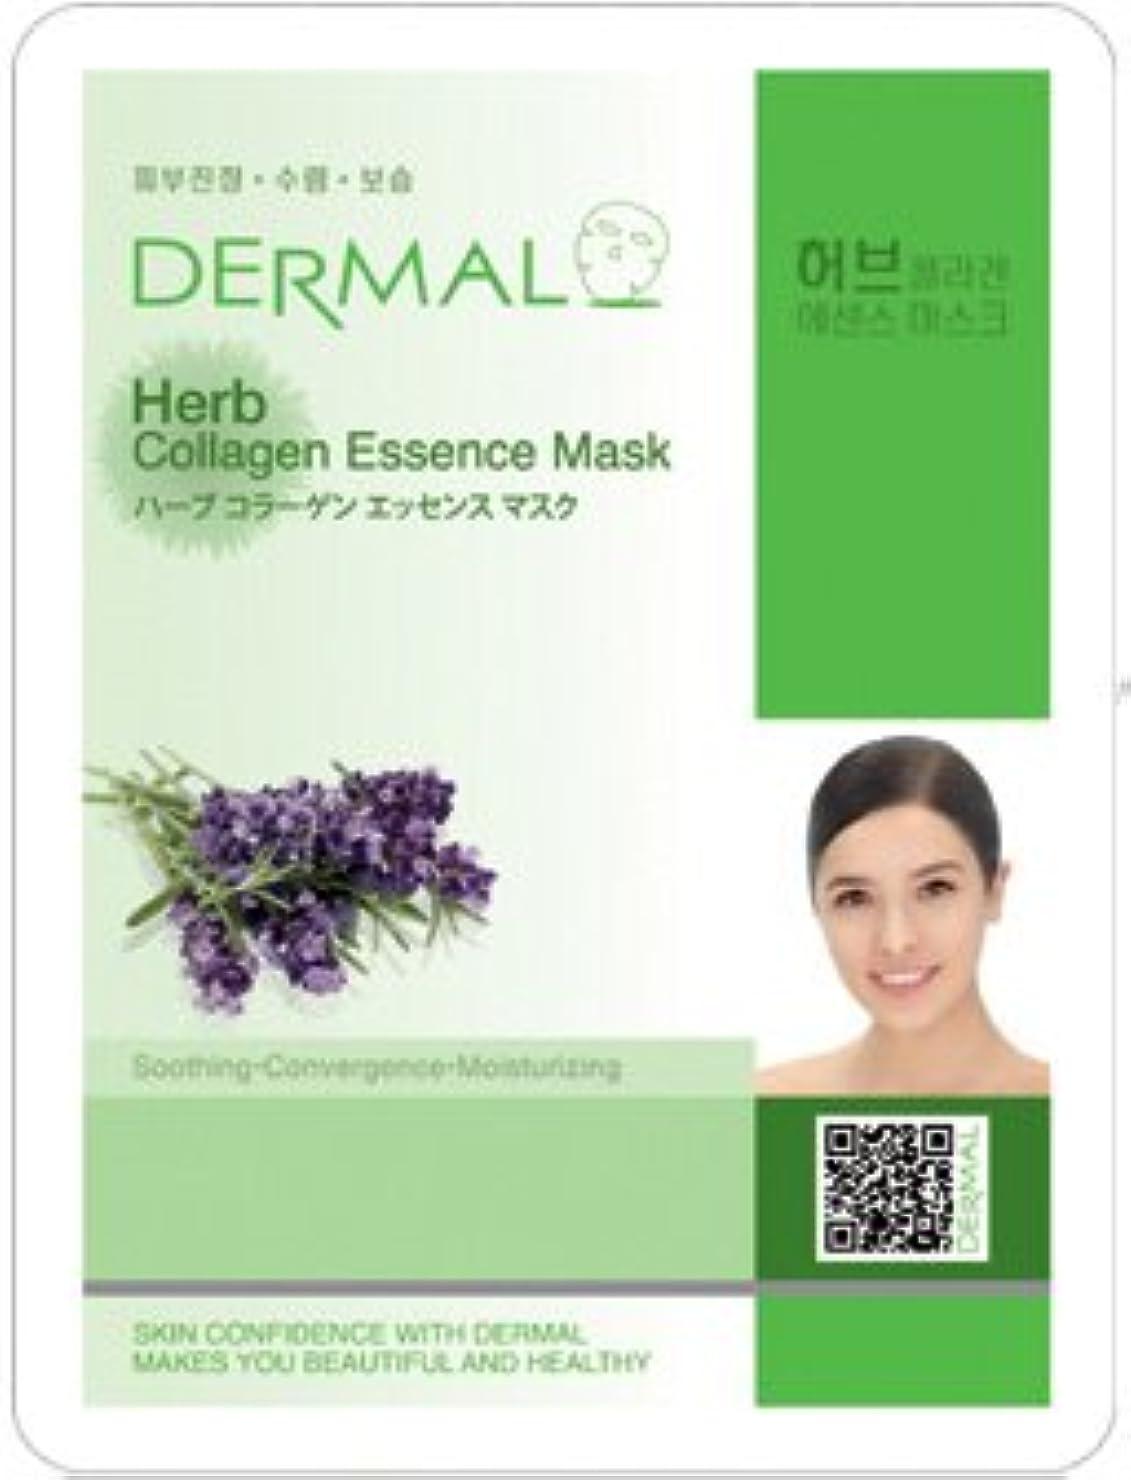 摂氏度吸い込むうぬぼれシートマスク ハーブ 10枚セット ダーマル(Dermal) フェイス パック